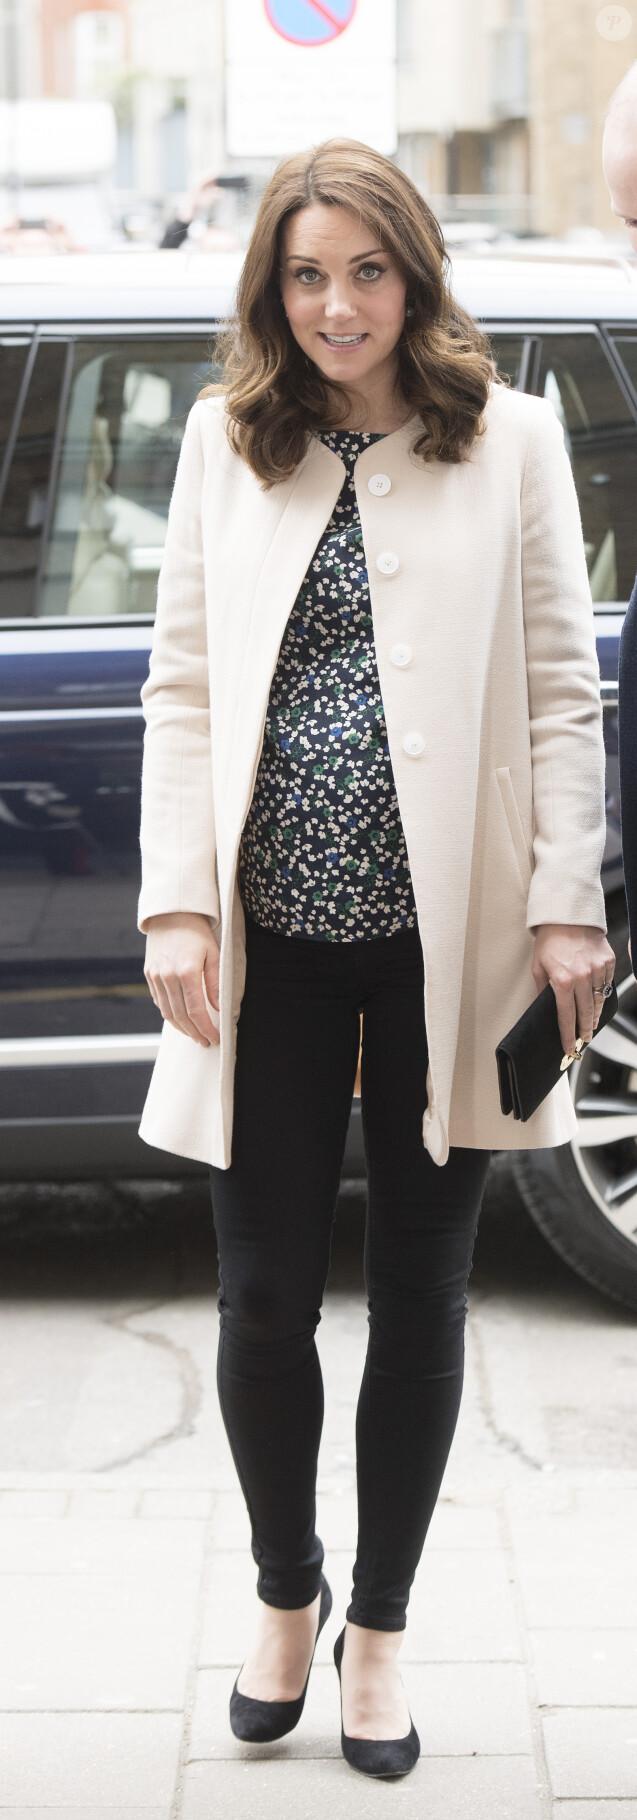 La duchesse Catherine de Cambridge, enceinte, à Londres le 22 mars 2018 lors de son dernier engagement officiel avant le début de son congé maternité.